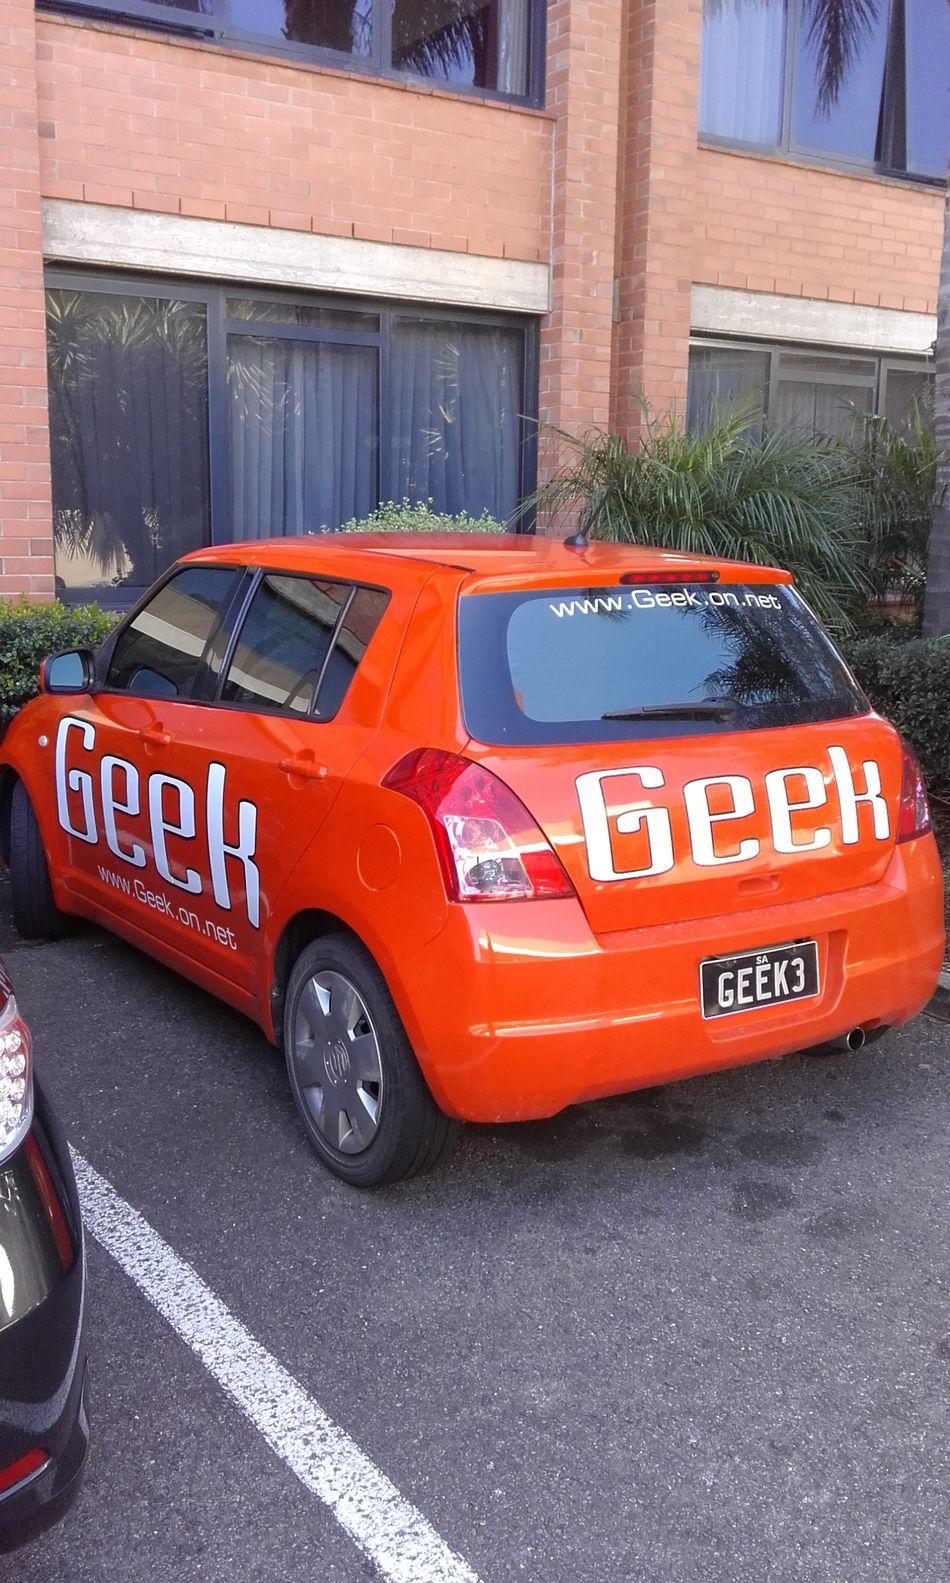 Geek Red Car Geeks Geek3 GeekPhotography Geek Style  Geek Cars Geeky Geekcars Geekporn Geeklife Red And White Red & White GeekandProud Cars Geeked  Car Carporn Carshot Carspotting Geekstyle Check This Out Geekingout GEEKIN OUT! Geeking